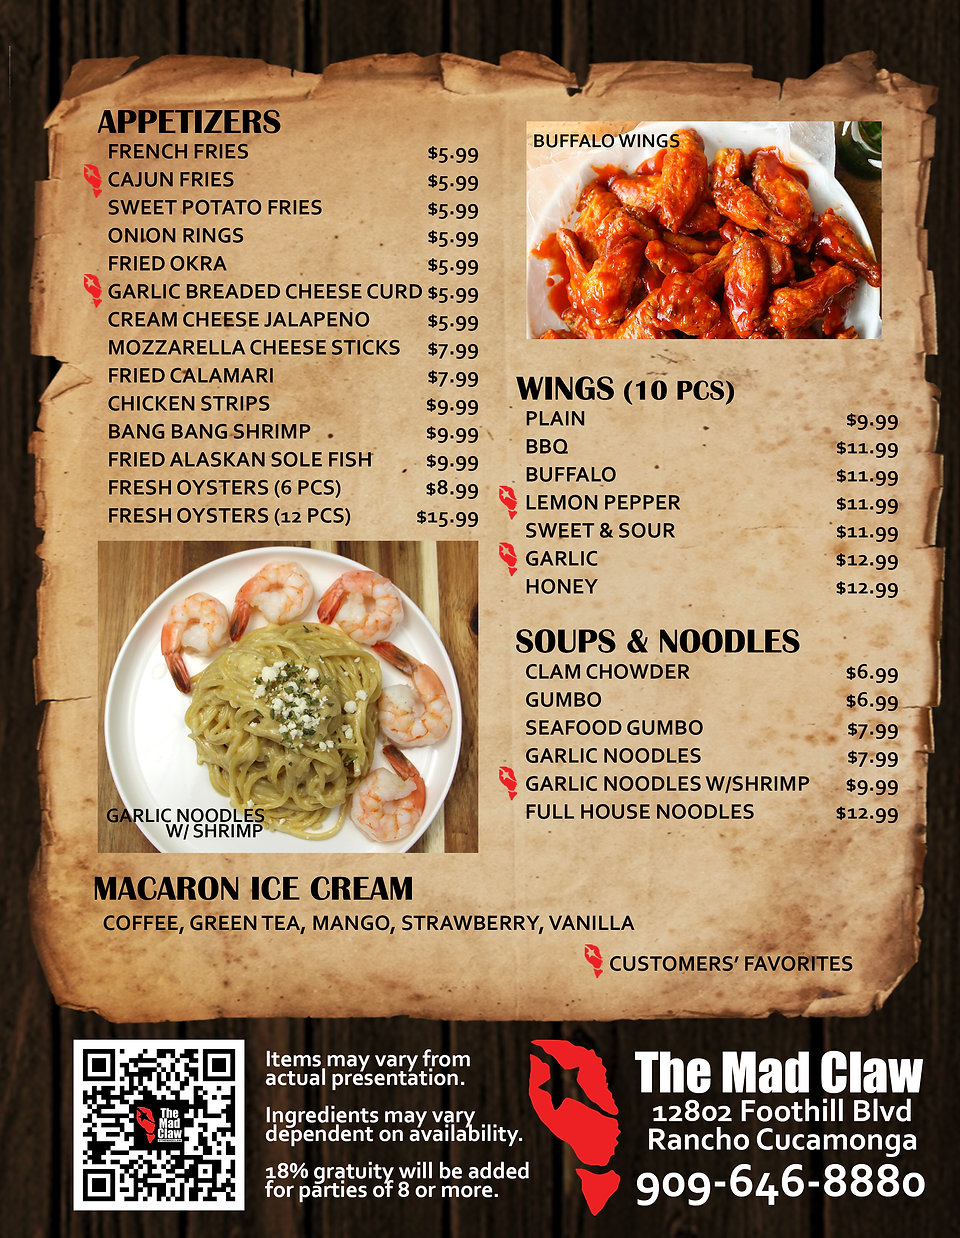 THE MAD CLAW MENU BACK 02 19 21.jpg